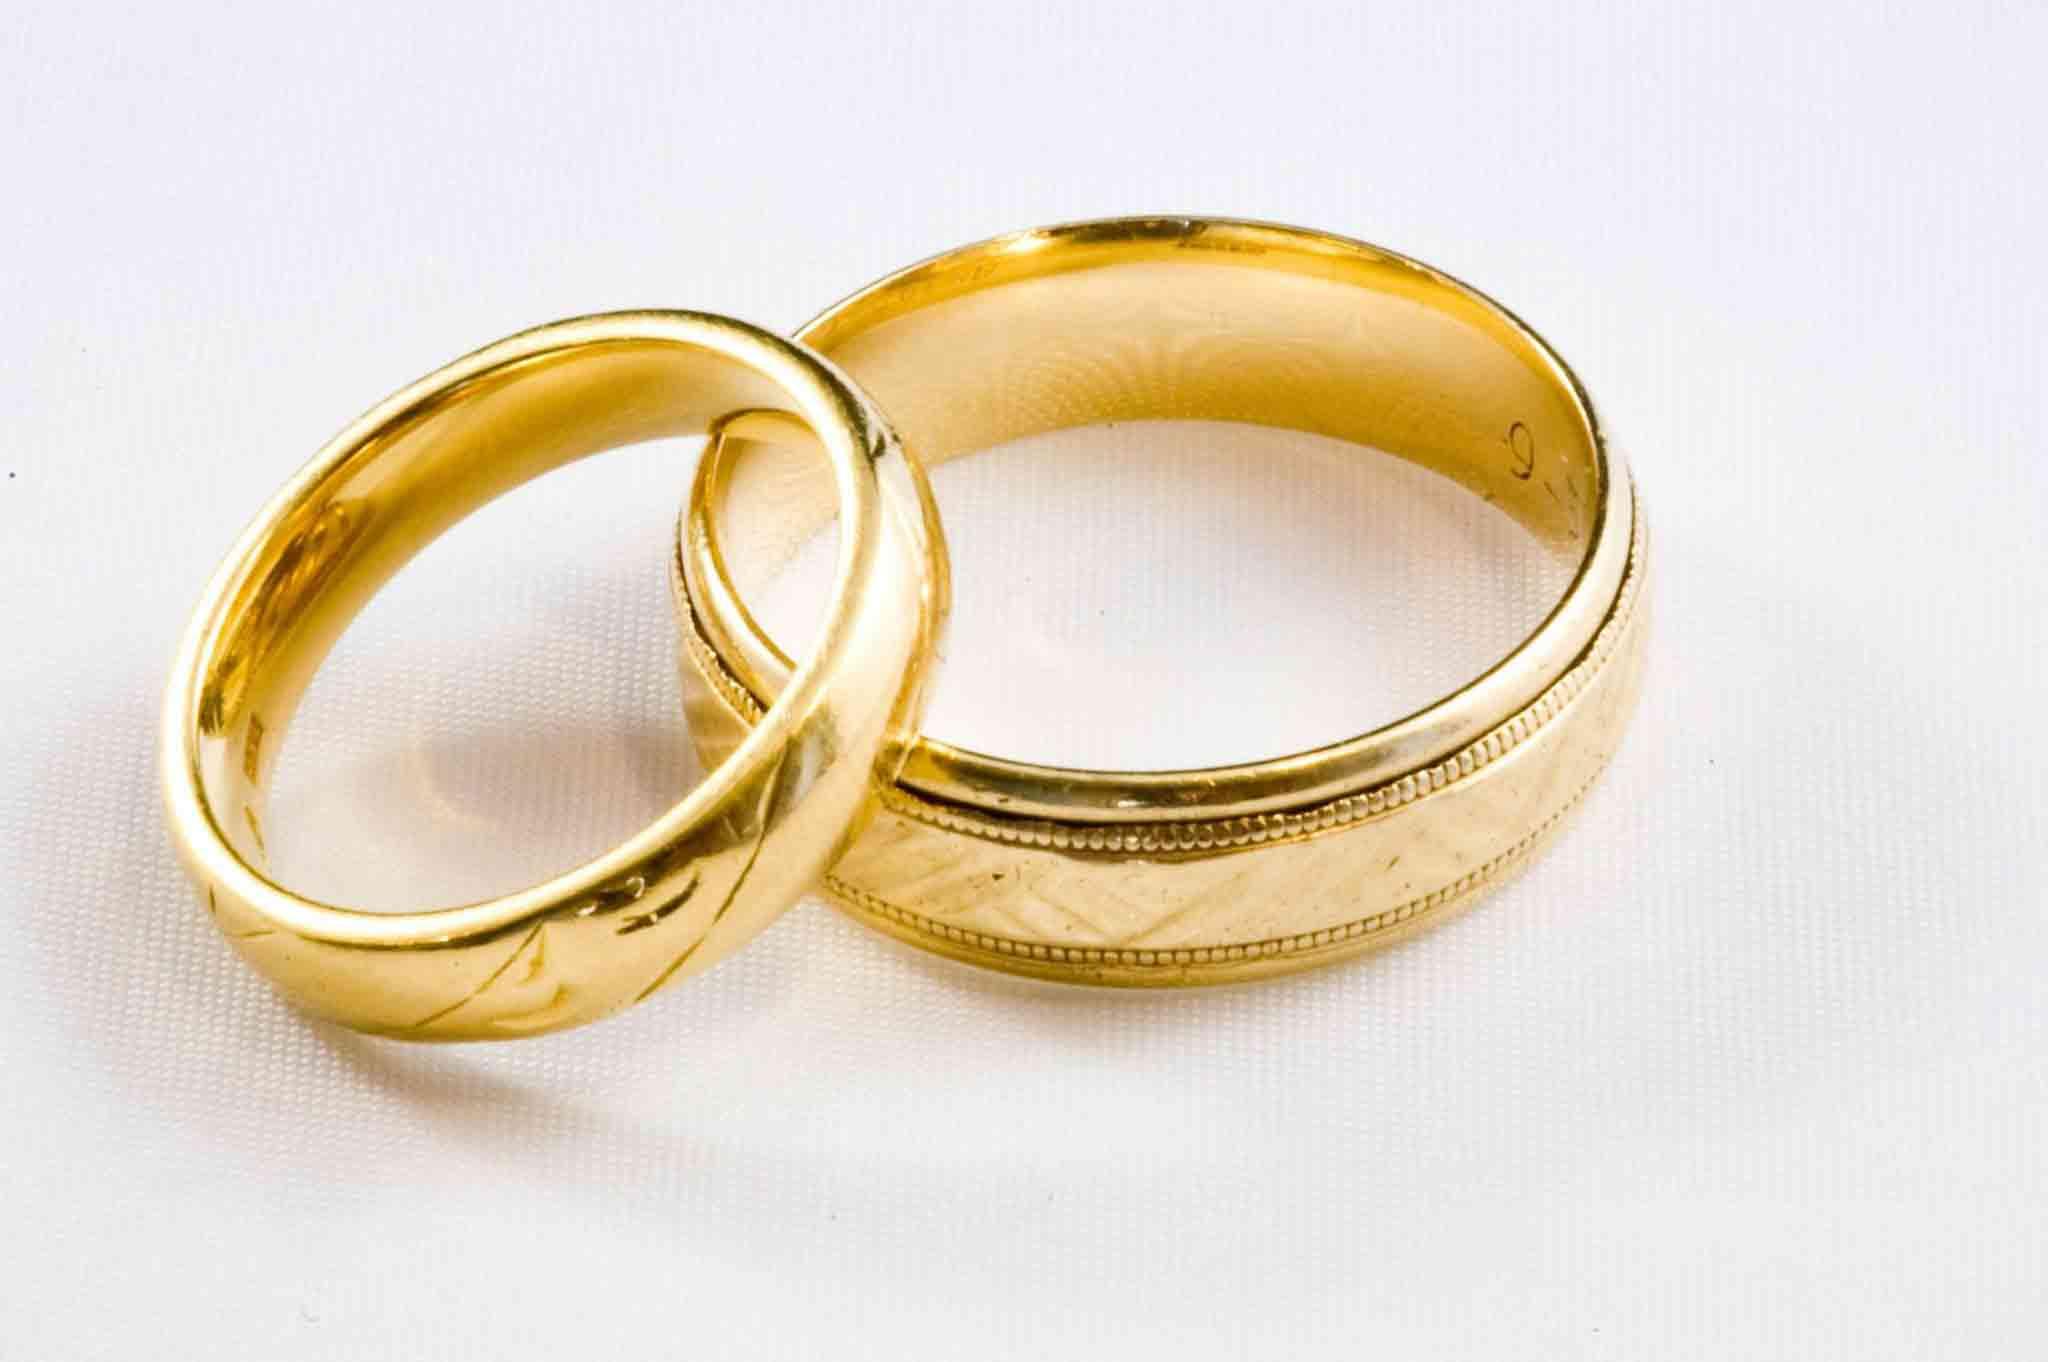 Perbedaan Jenis Emas Muda Dan Emas Tua Untuk Cincin Kawin